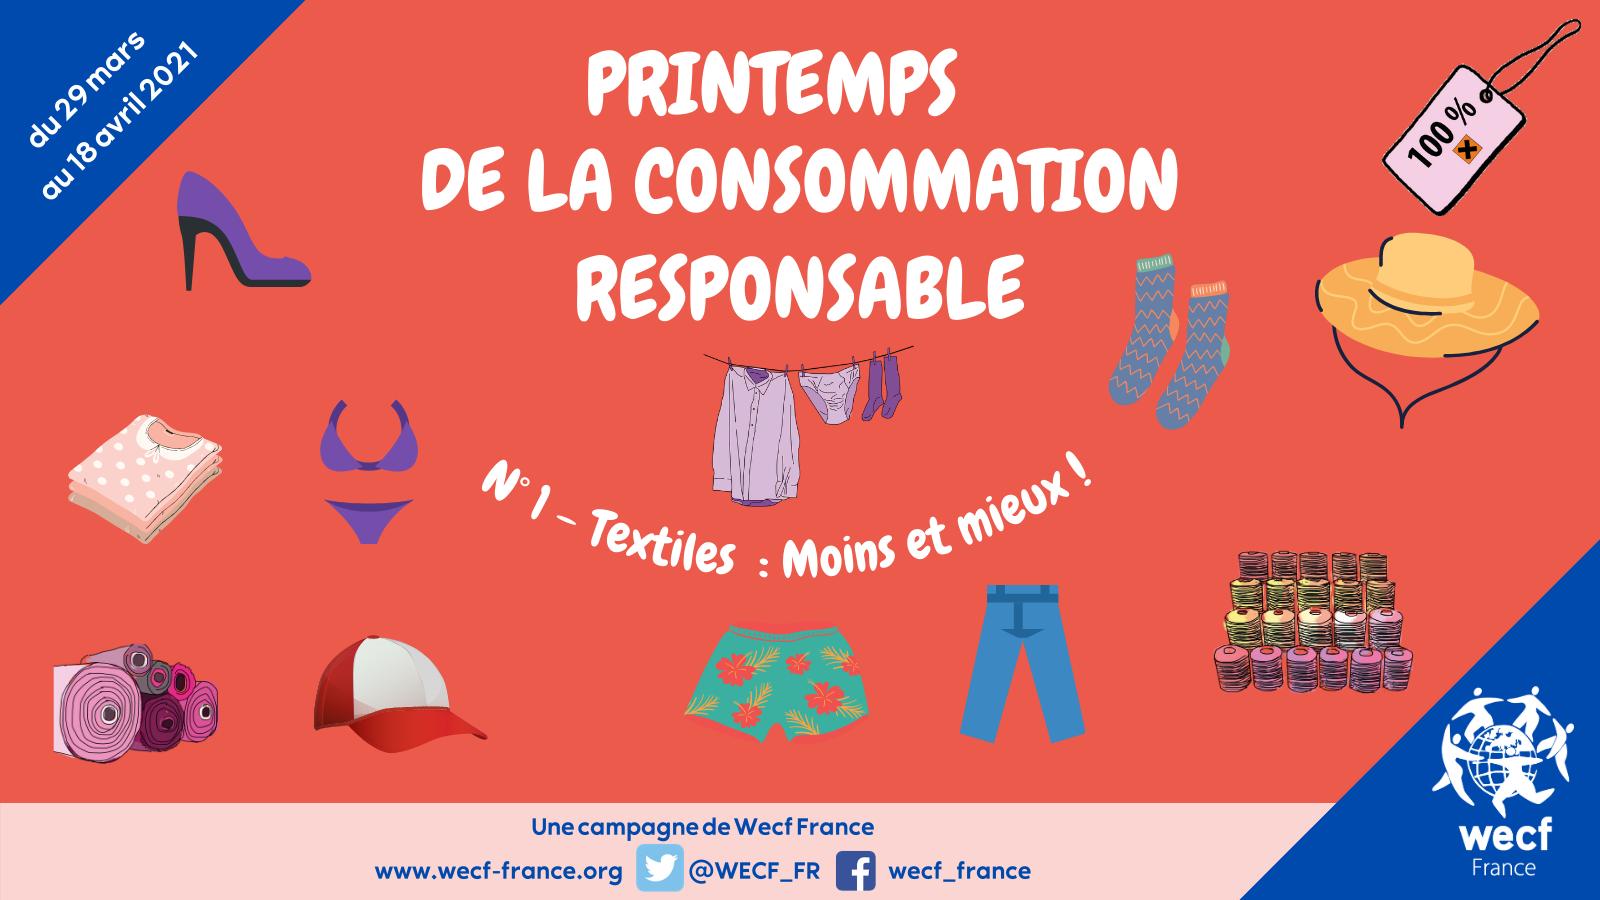 Printemps de la consommation responsable – N°1 : les textiles